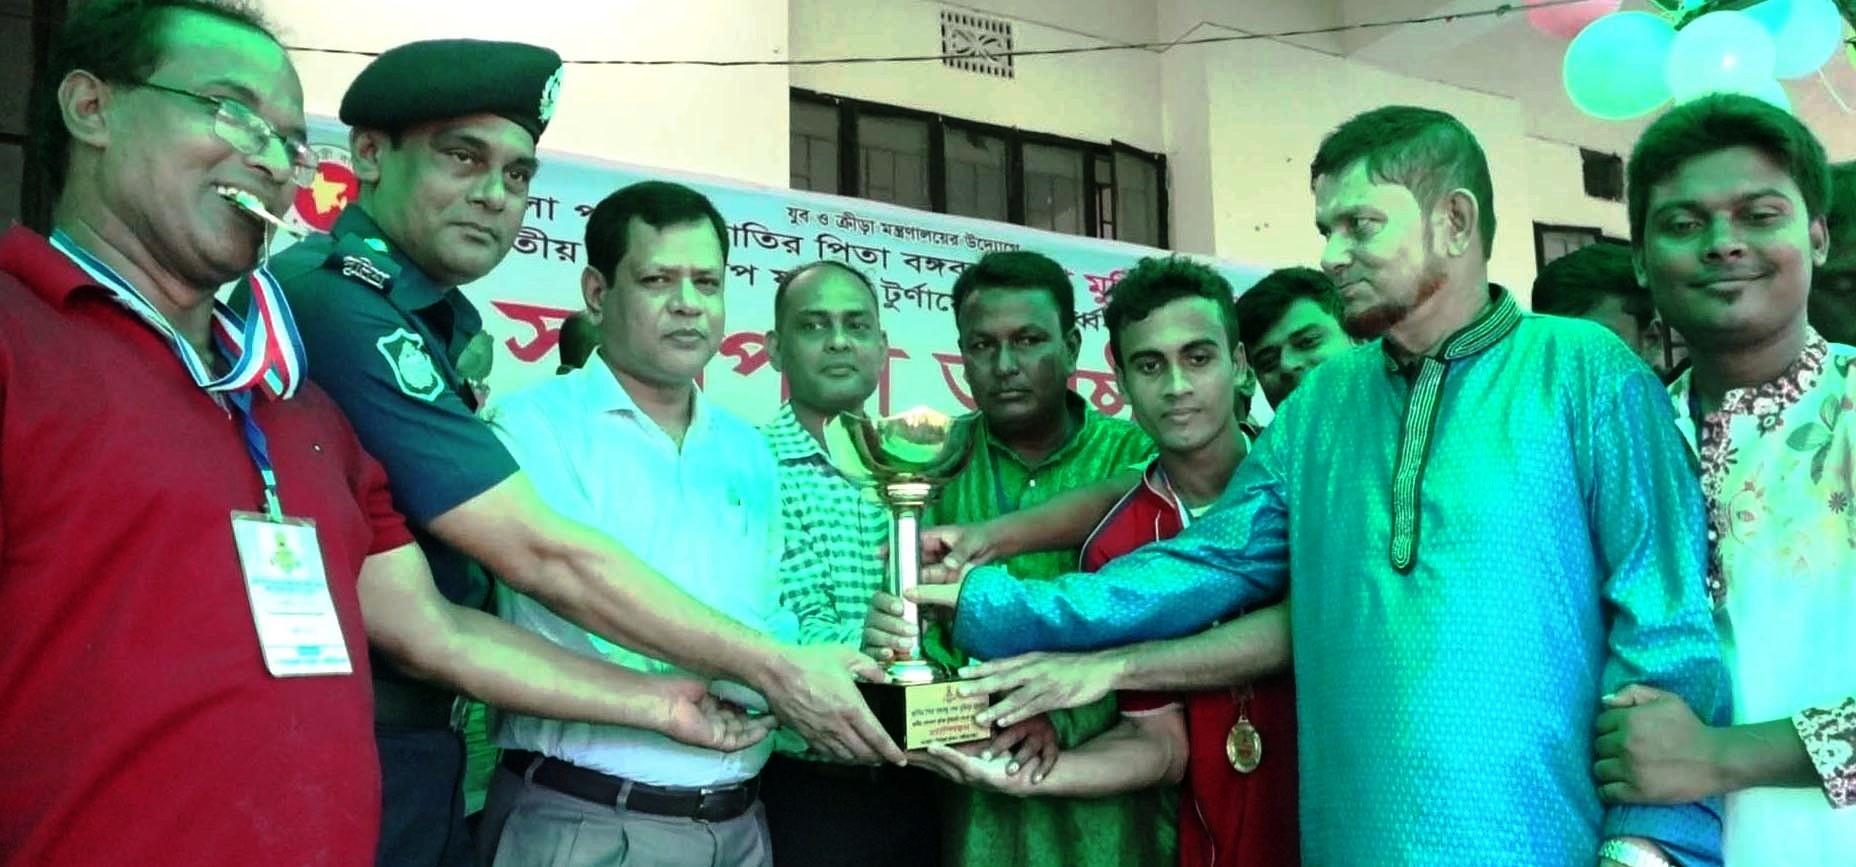 বঙ্গবন্ধু জাতীয় গোল্ডকাপ ফুটবল টুর্ণামেন্ট: চ্যাম্পিয়ন উত্তর জয়পুর